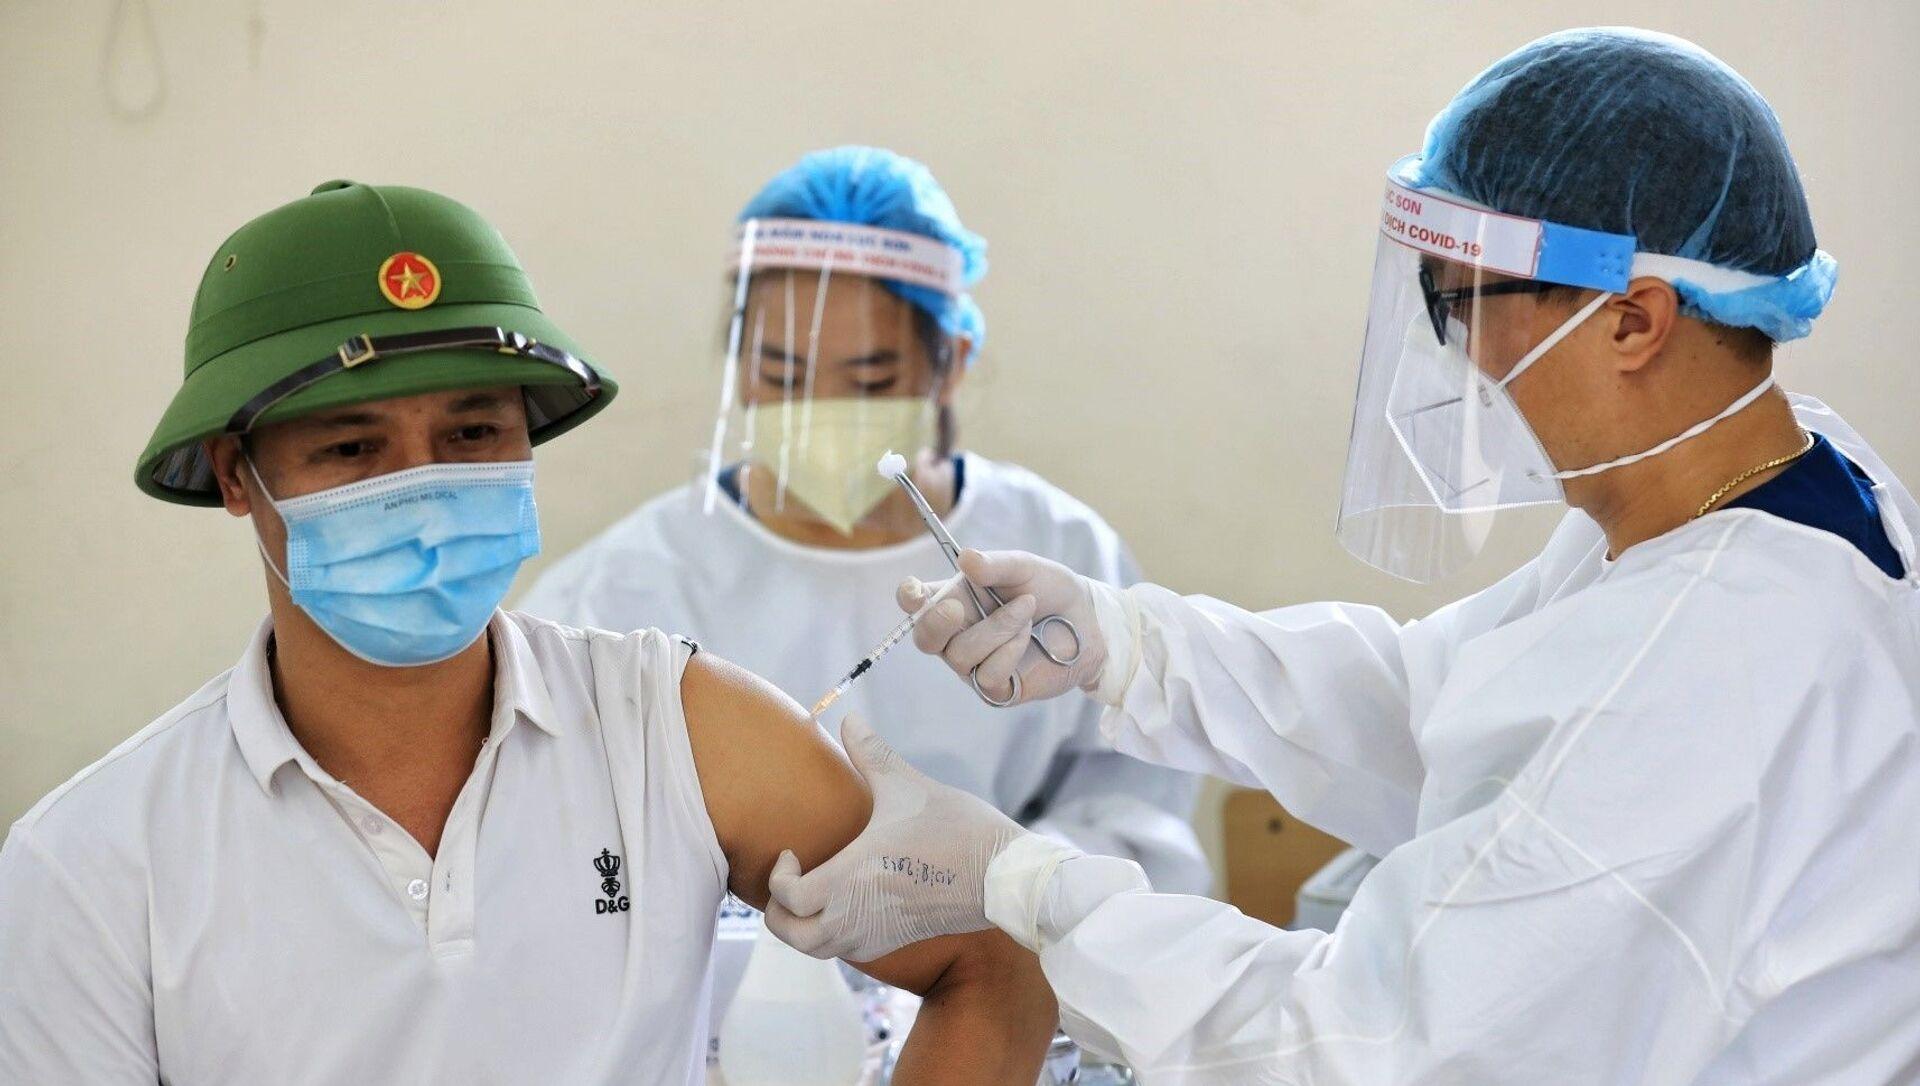 Nhân viên y tế tỉnh Bắc Giang tiến hành tiêm vaccine phòng COVID-19 cho người dân quận Long Biên - Sputnik Việt Nam, 1920, 09.09.2021